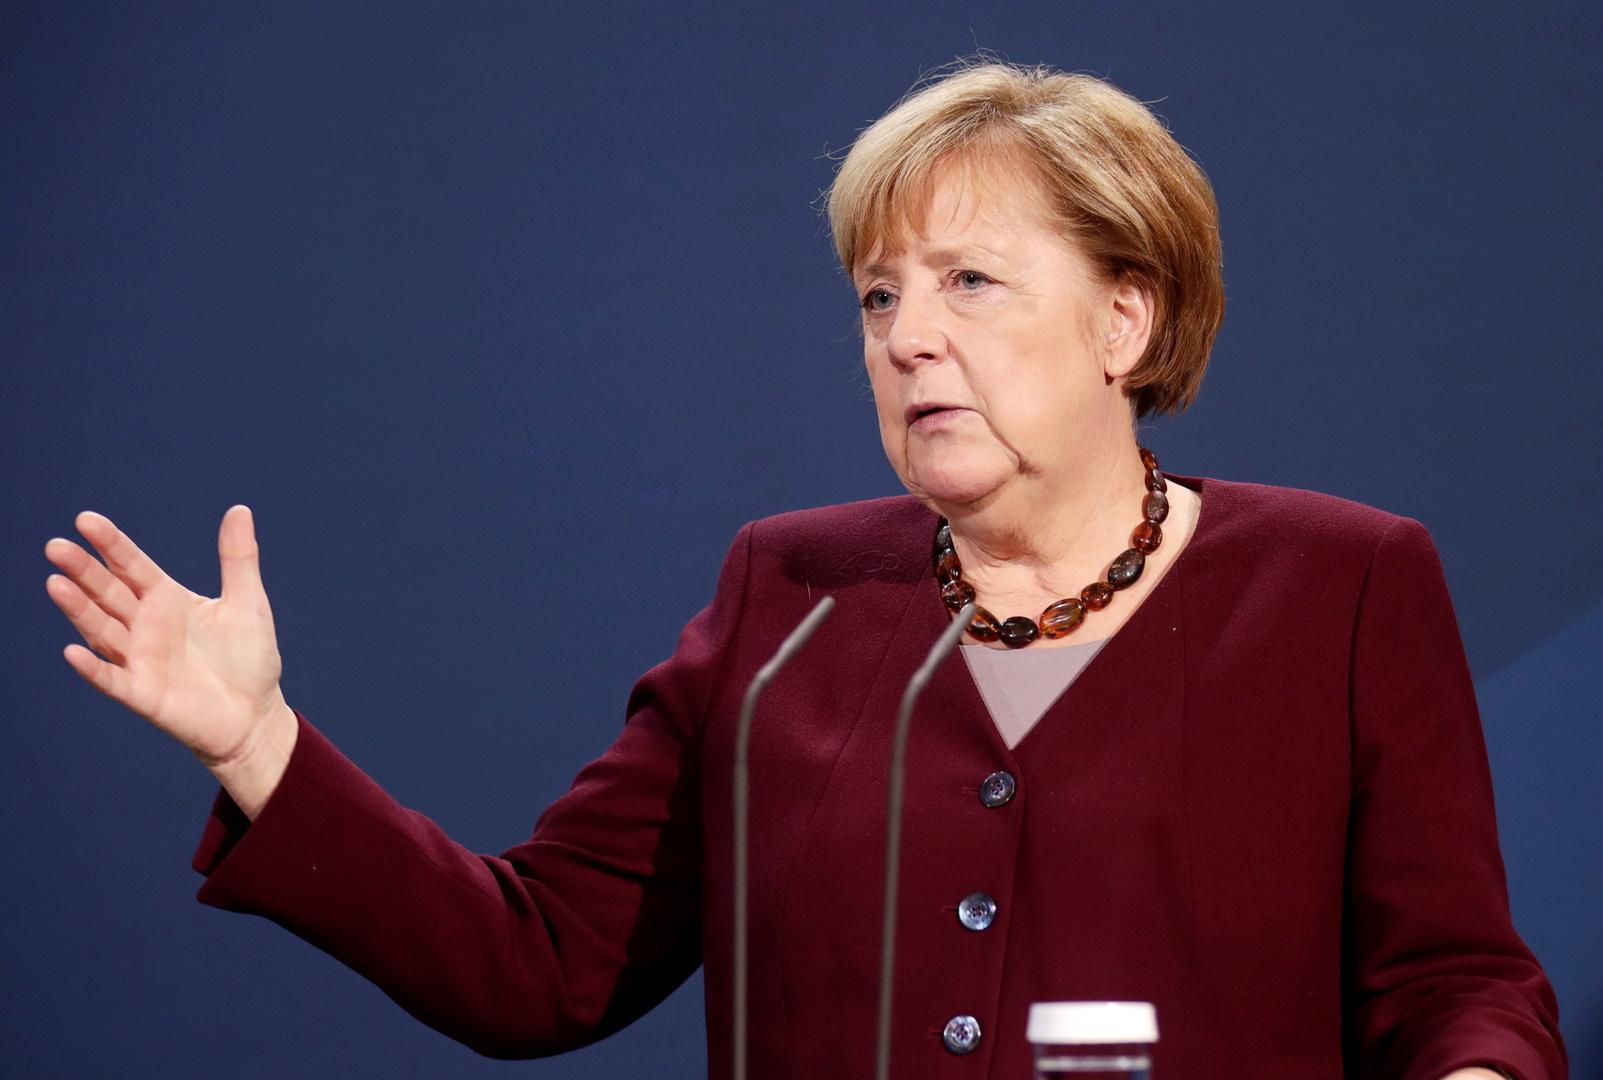 ألمانيا.. دعوات لتطعيم ميركل وشتاينماير بلقاح كورونا لتعزيز ثقة المواطنين الألمان في التطعيمات